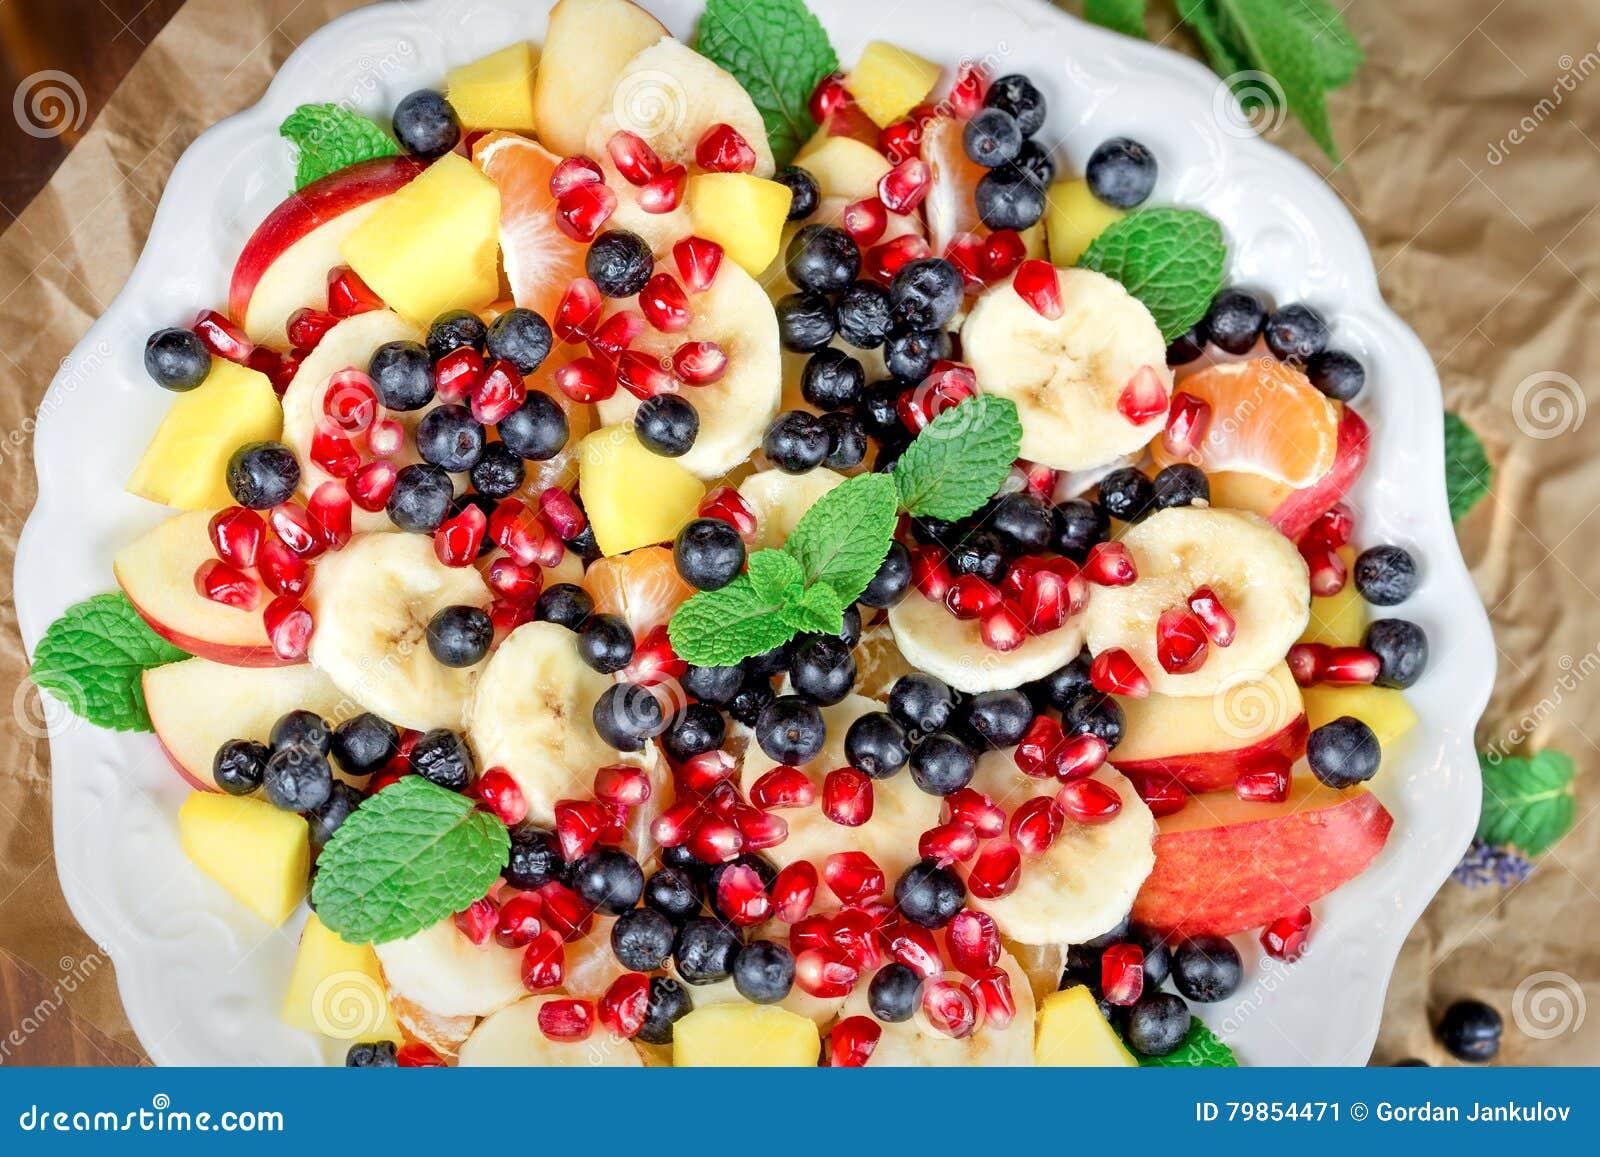 Owocowa sałatka - świeżo przygotowany zdrowy posiłek